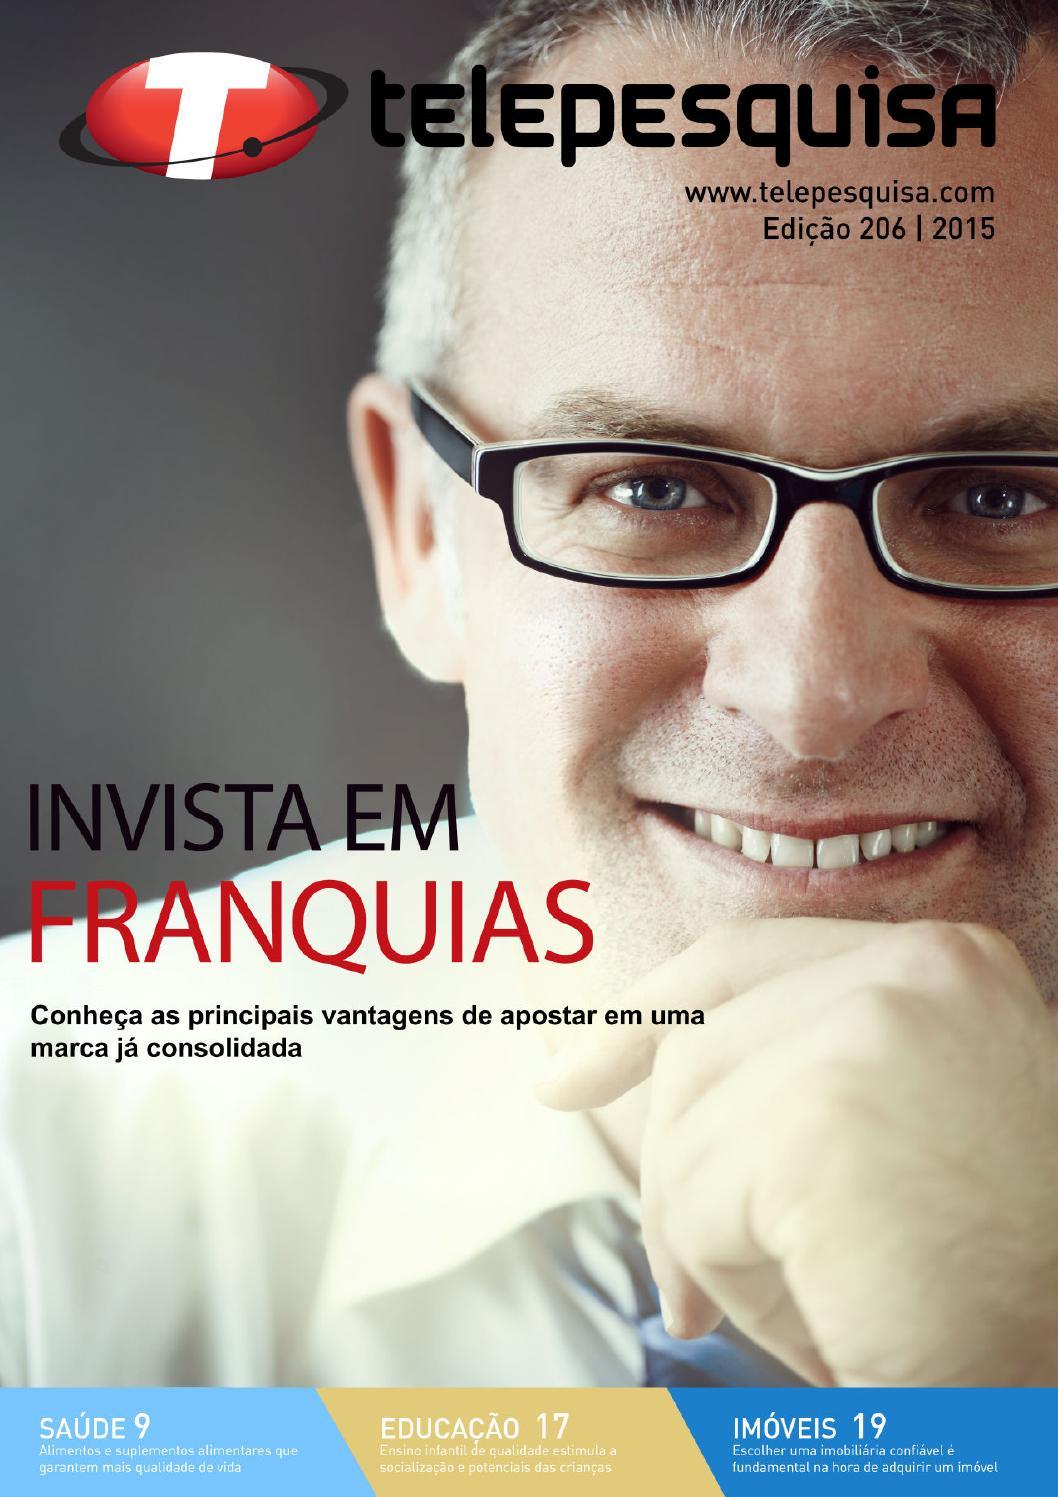 Revista Telepesquisa Edição 206 by Telepesquisa - issuu 1912eb1b1a